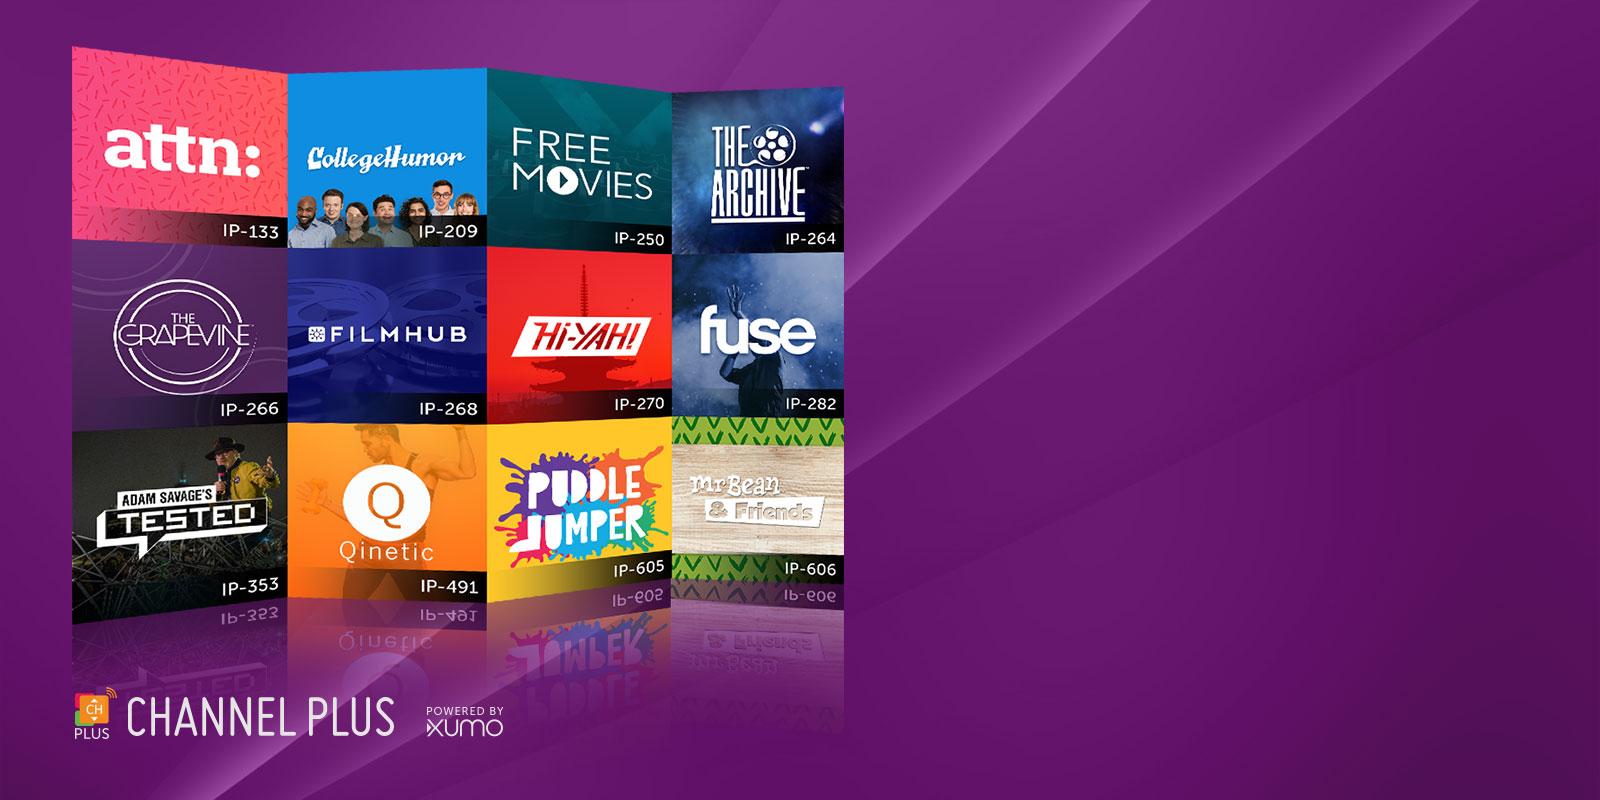 Channel Plus app icons